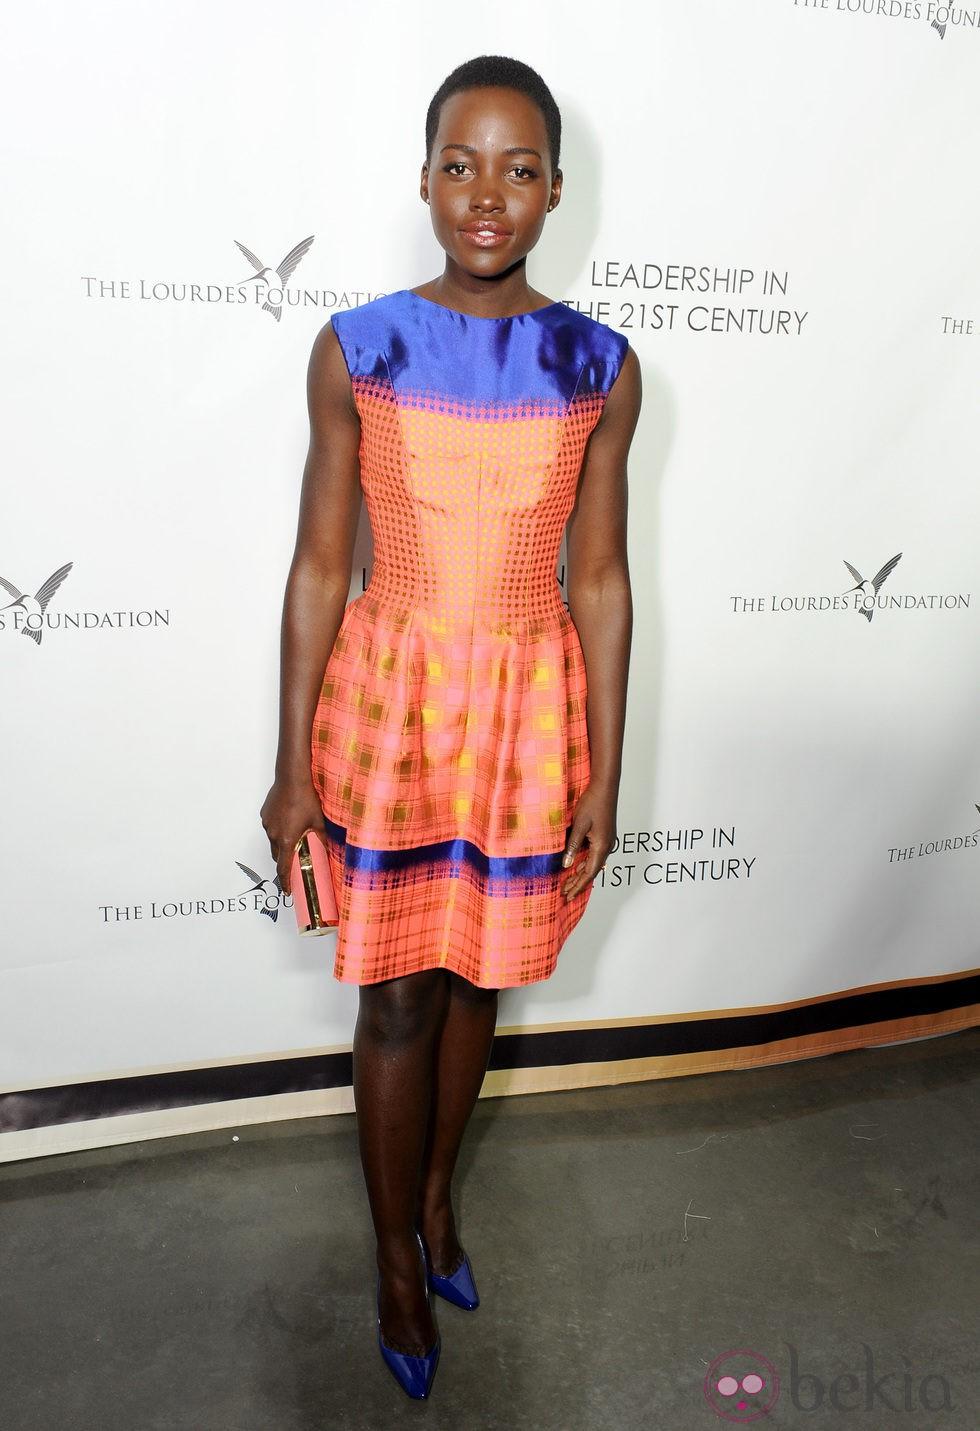 Lupita Nyong'o en un acto organizado por la Fundación Lourdes en Los Angeles para conocer al Dalai Lama